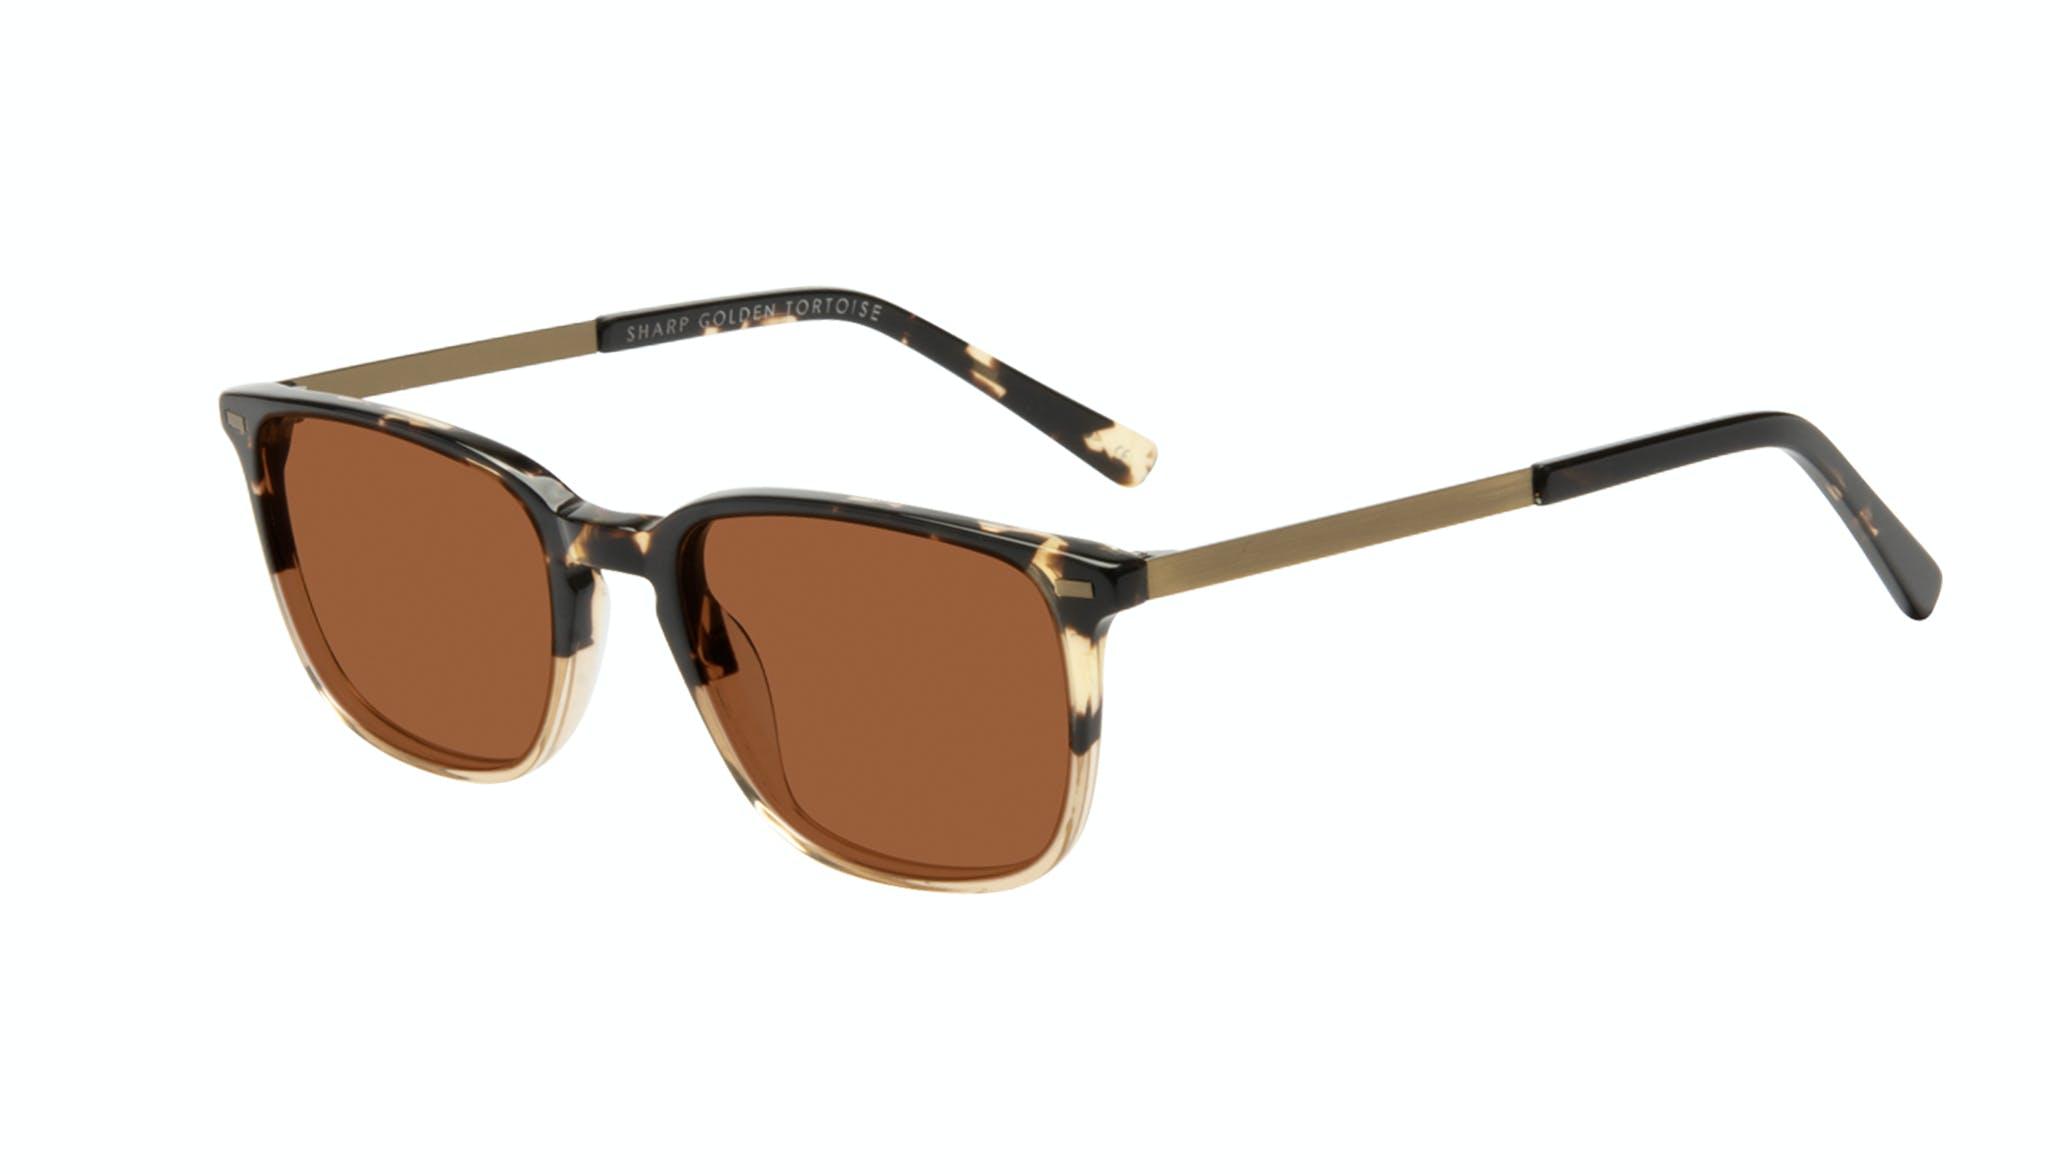 Affordable Fashion Glasses Rectangle Sunglasses Men Sharp Golden Tortoise Tilt